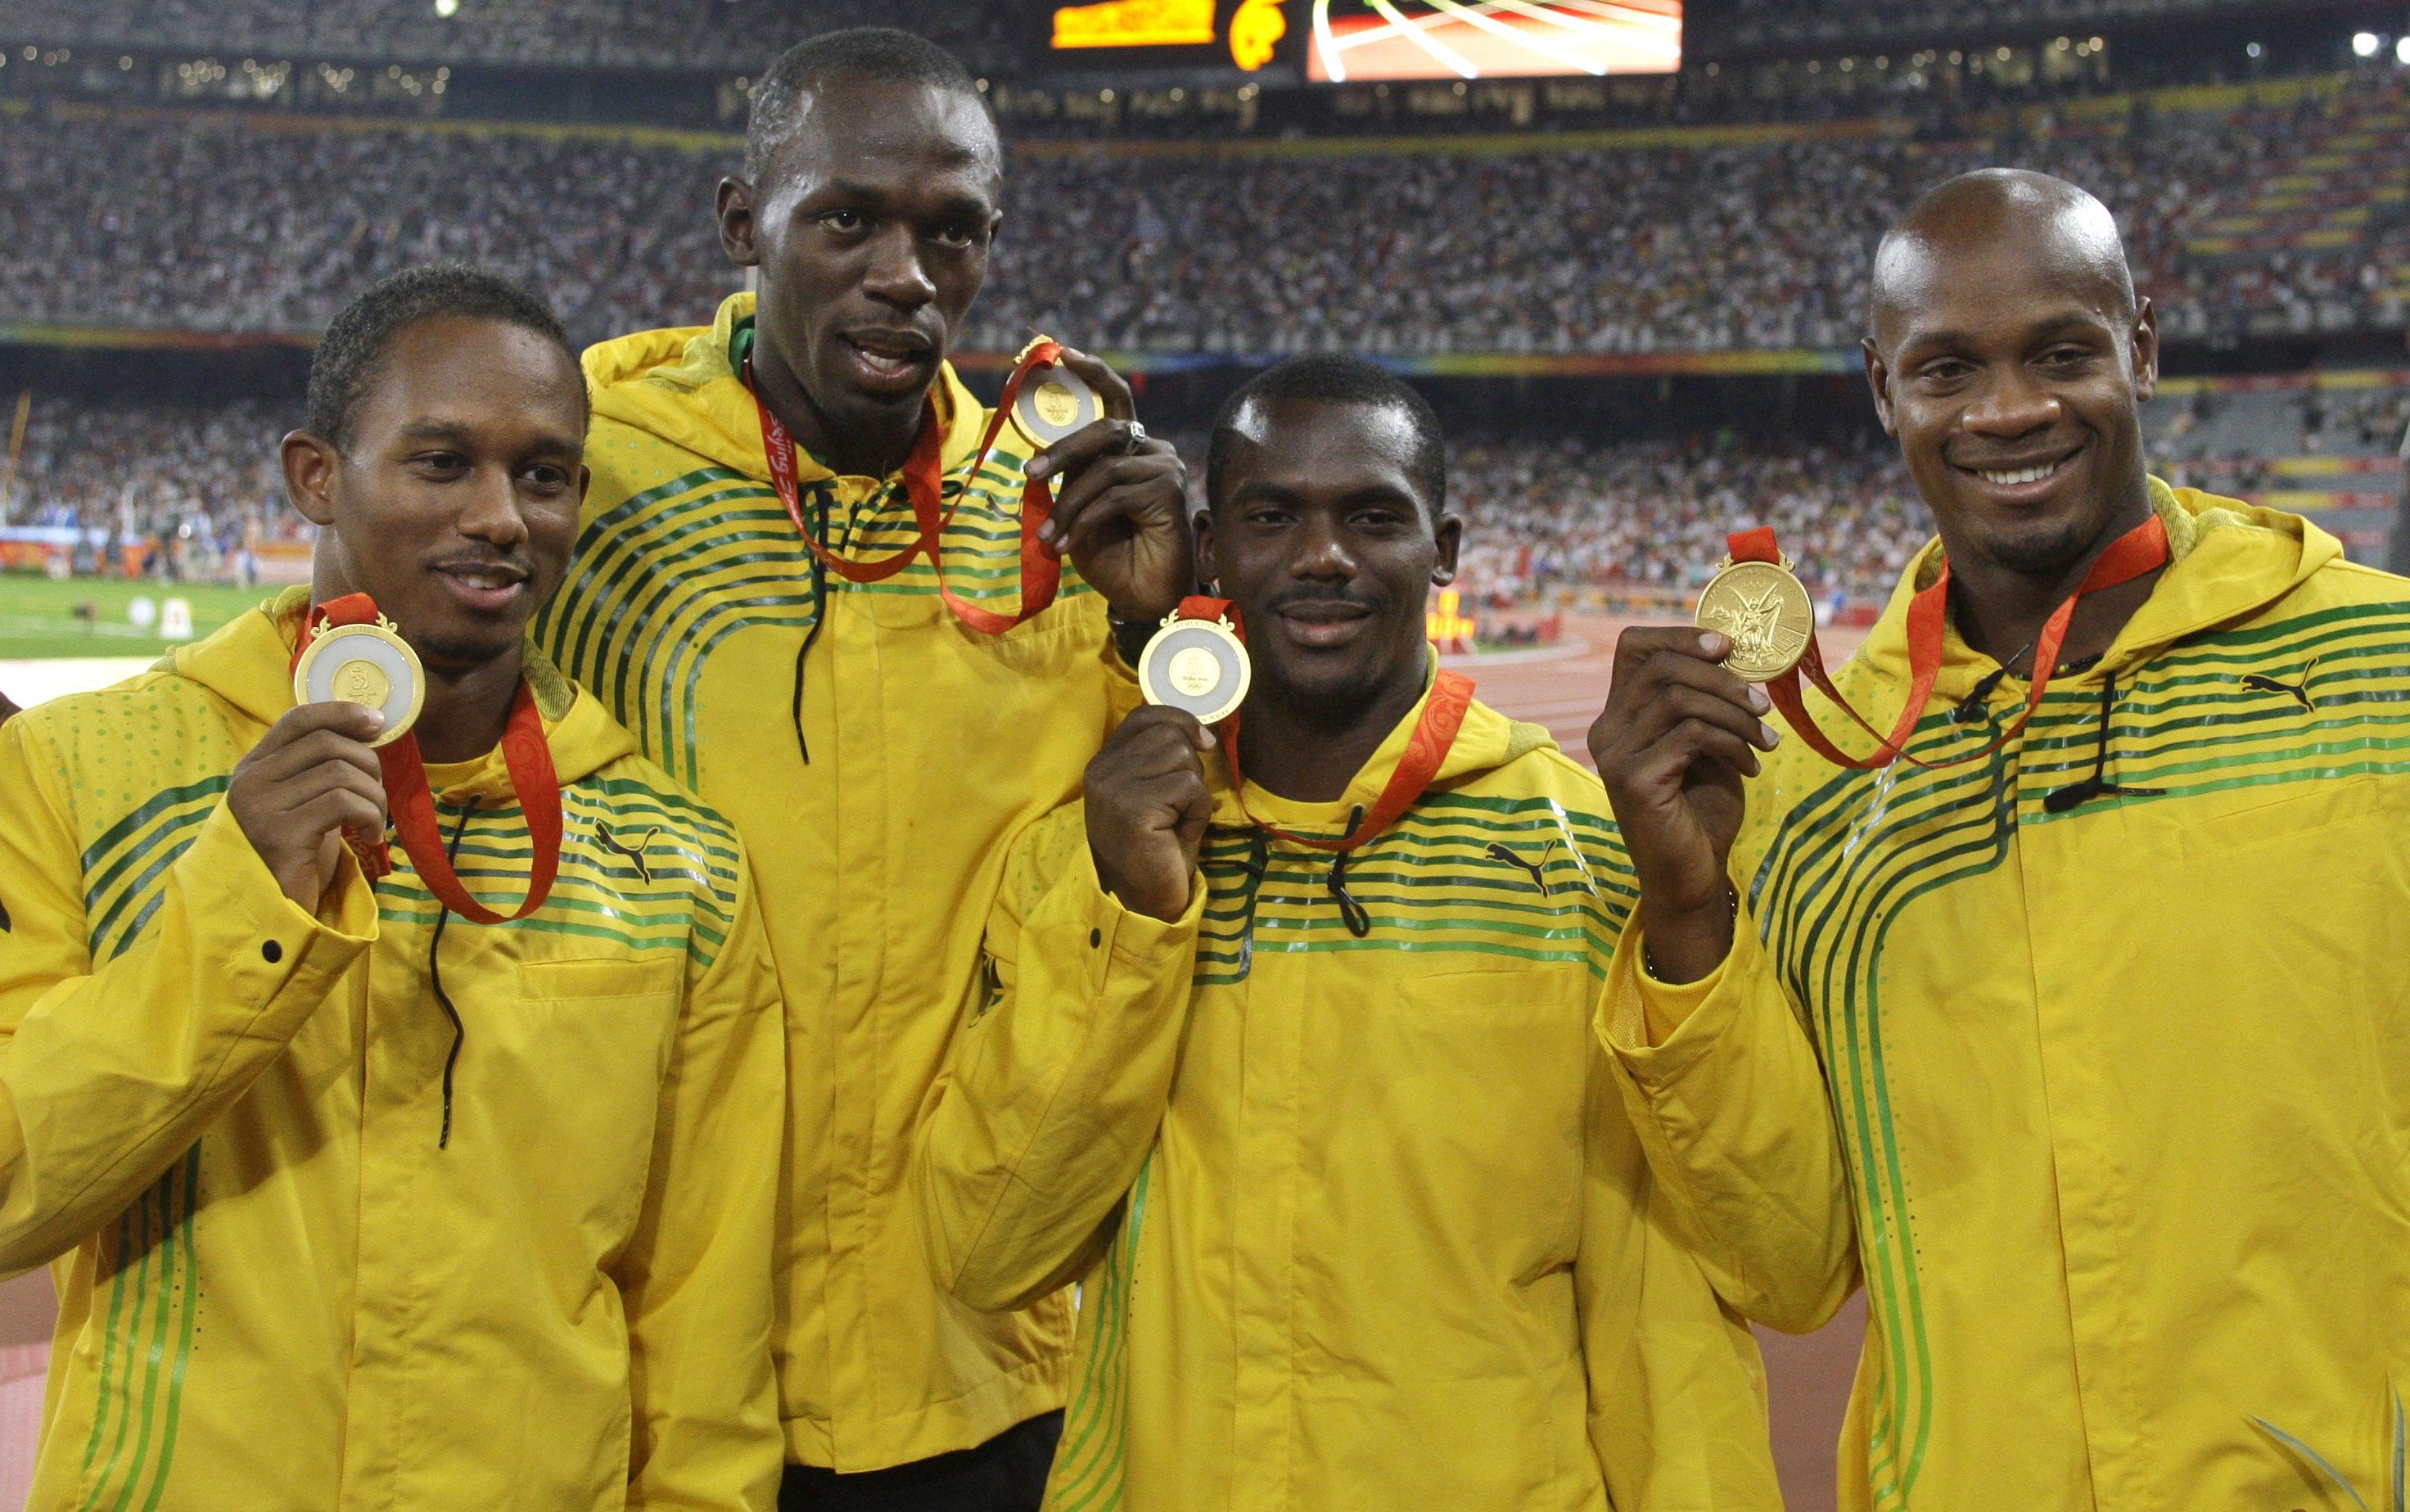 Jamaica's men's 4x100 meters relay team